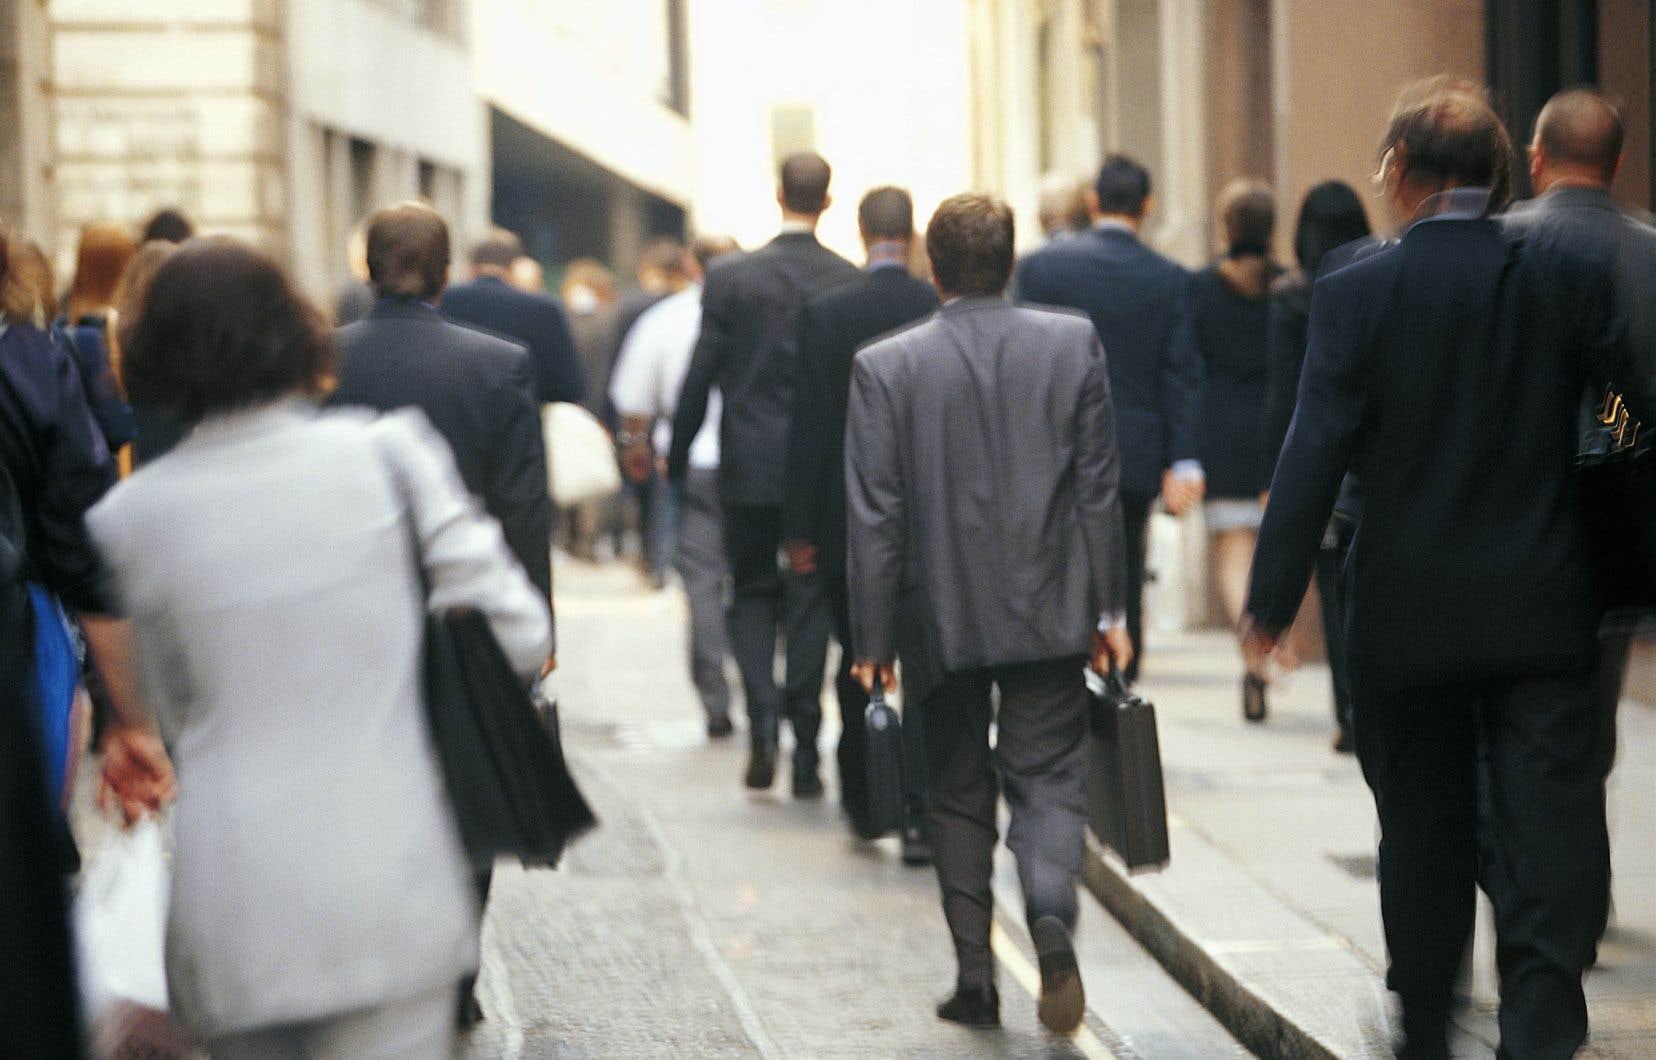 La croissance de l'économie mondiale n'atteindrait pas 3% l'an prochain, mais devrait rester au rythme de 2,9%.